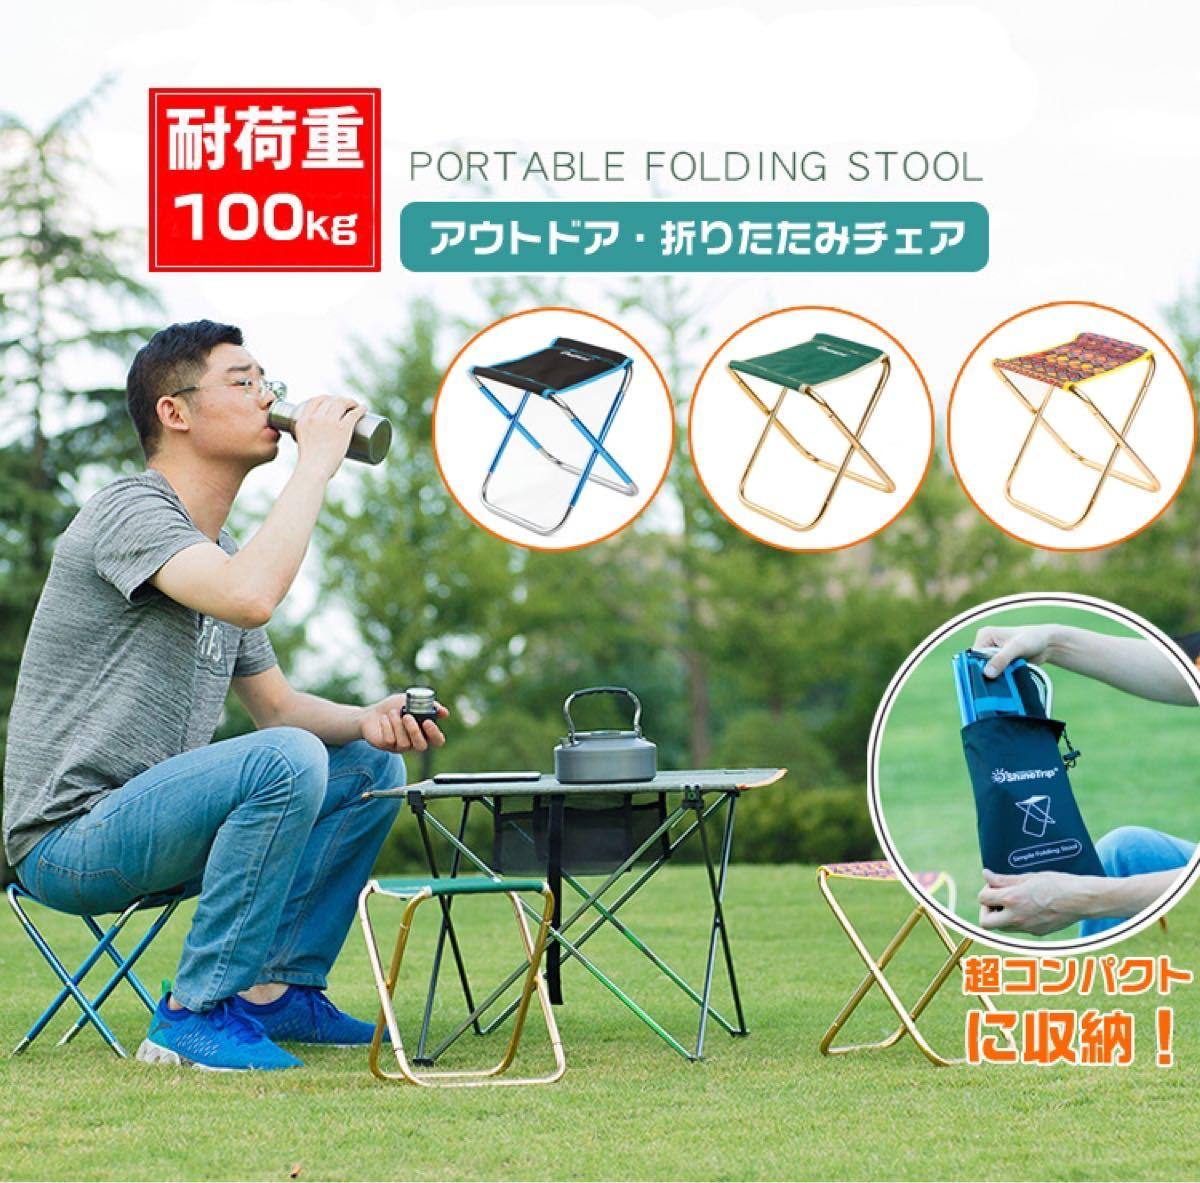 アウトドアチェア 軽量 折りたたみ 椅子 コンパクト 耐荷重100kg